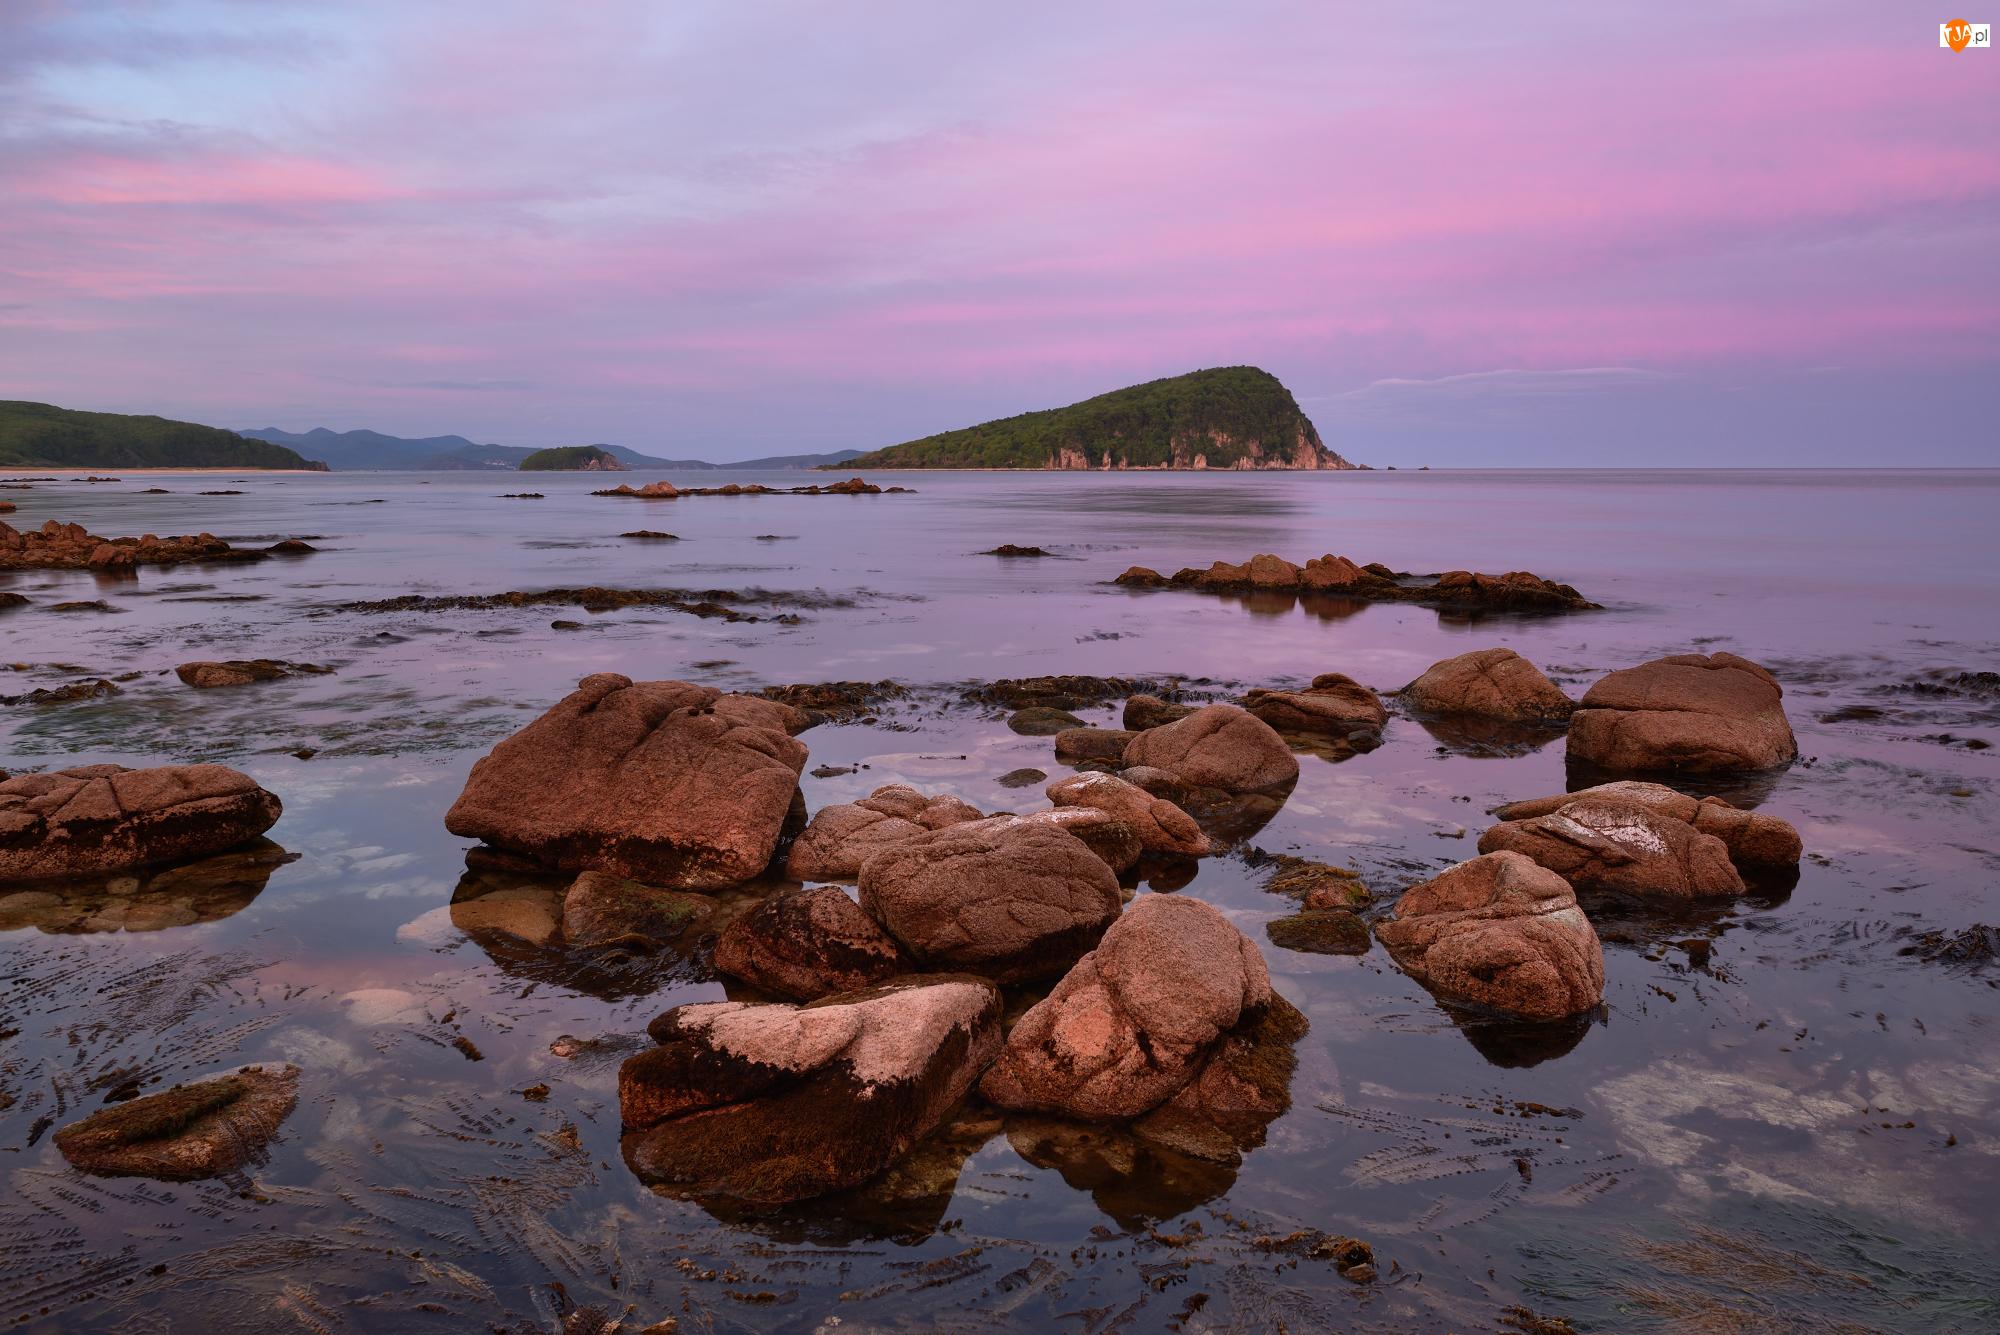 Góra, Kamienie, Rosja, Morze Japońskie, Kraj Nadmorski, Lazovsky Nature Reserve, Rezerwat